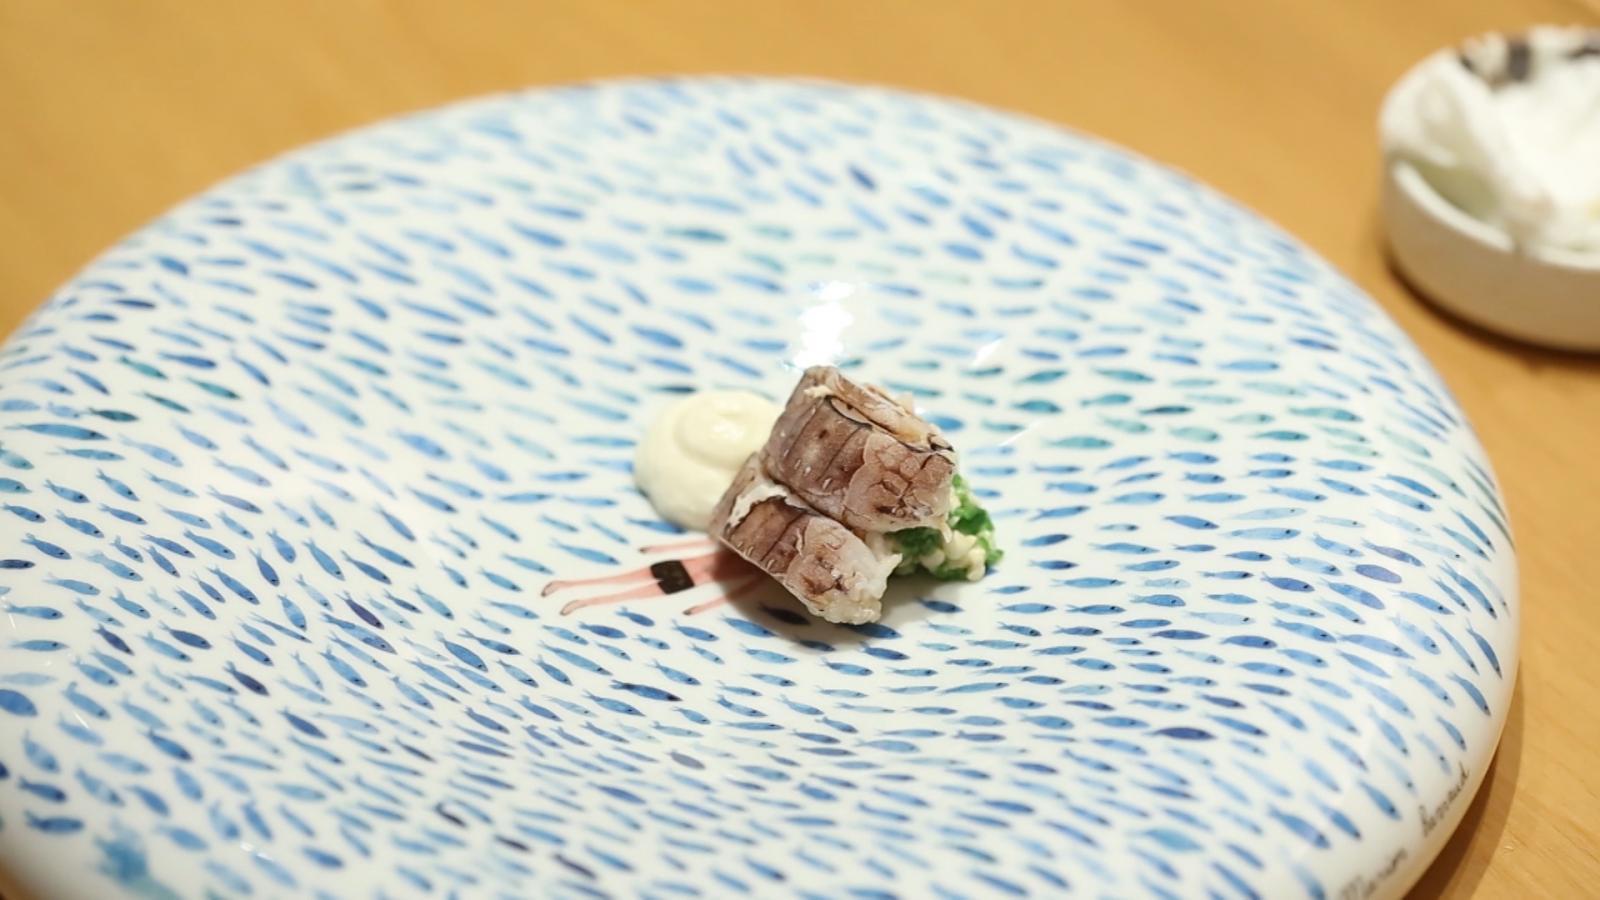 อร่อยยั่วๆ | อาหารญี่ปุ่นสุดหรู ระดับมิชลิน 2 ดาว  | กินเที่ยวอะราวเดอะเวิลด์ EP.1